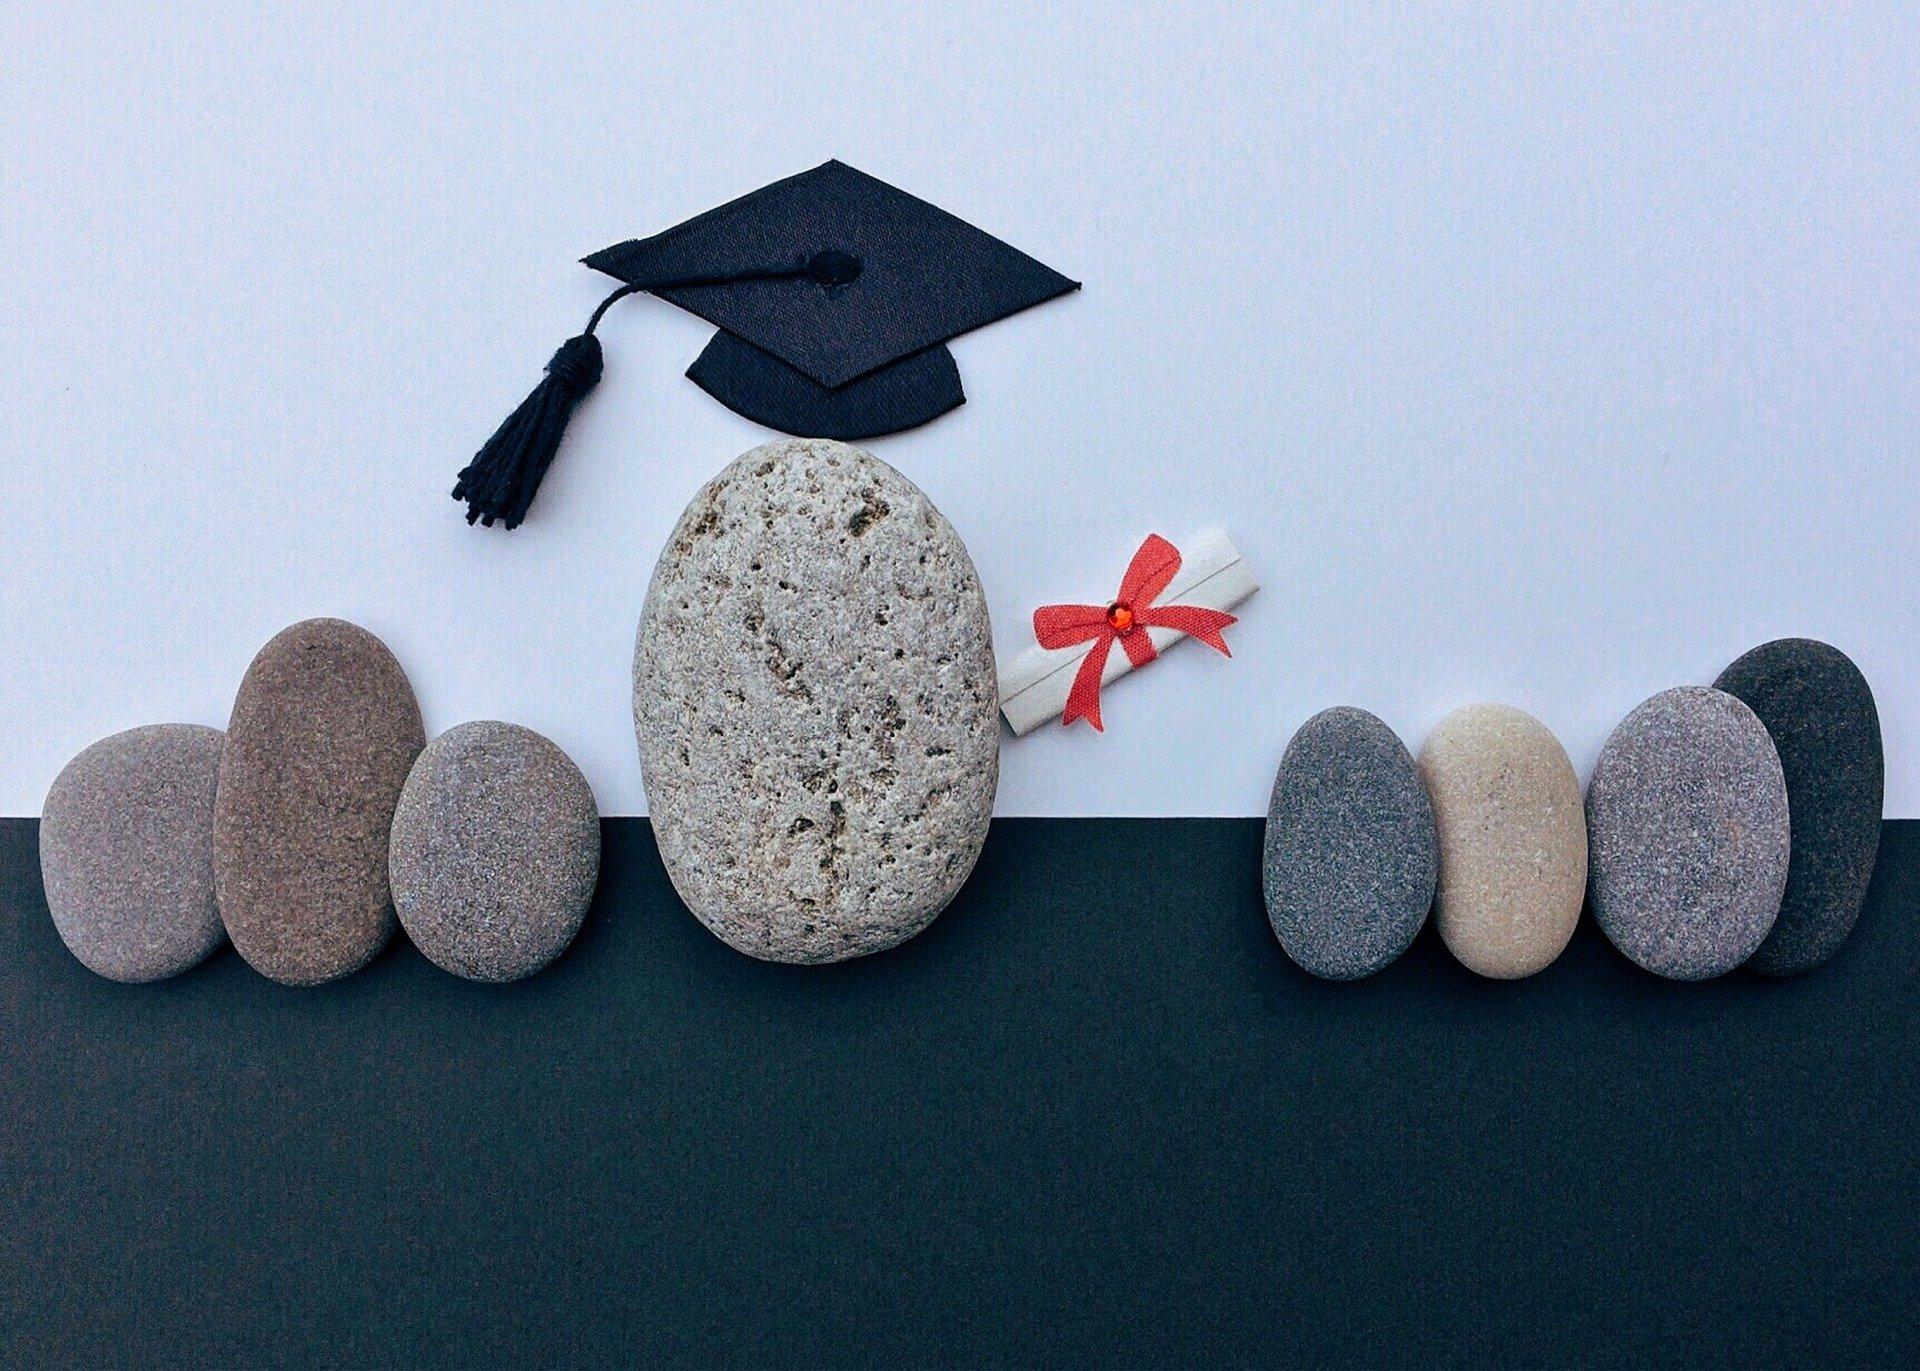 進深教育及專業選擇